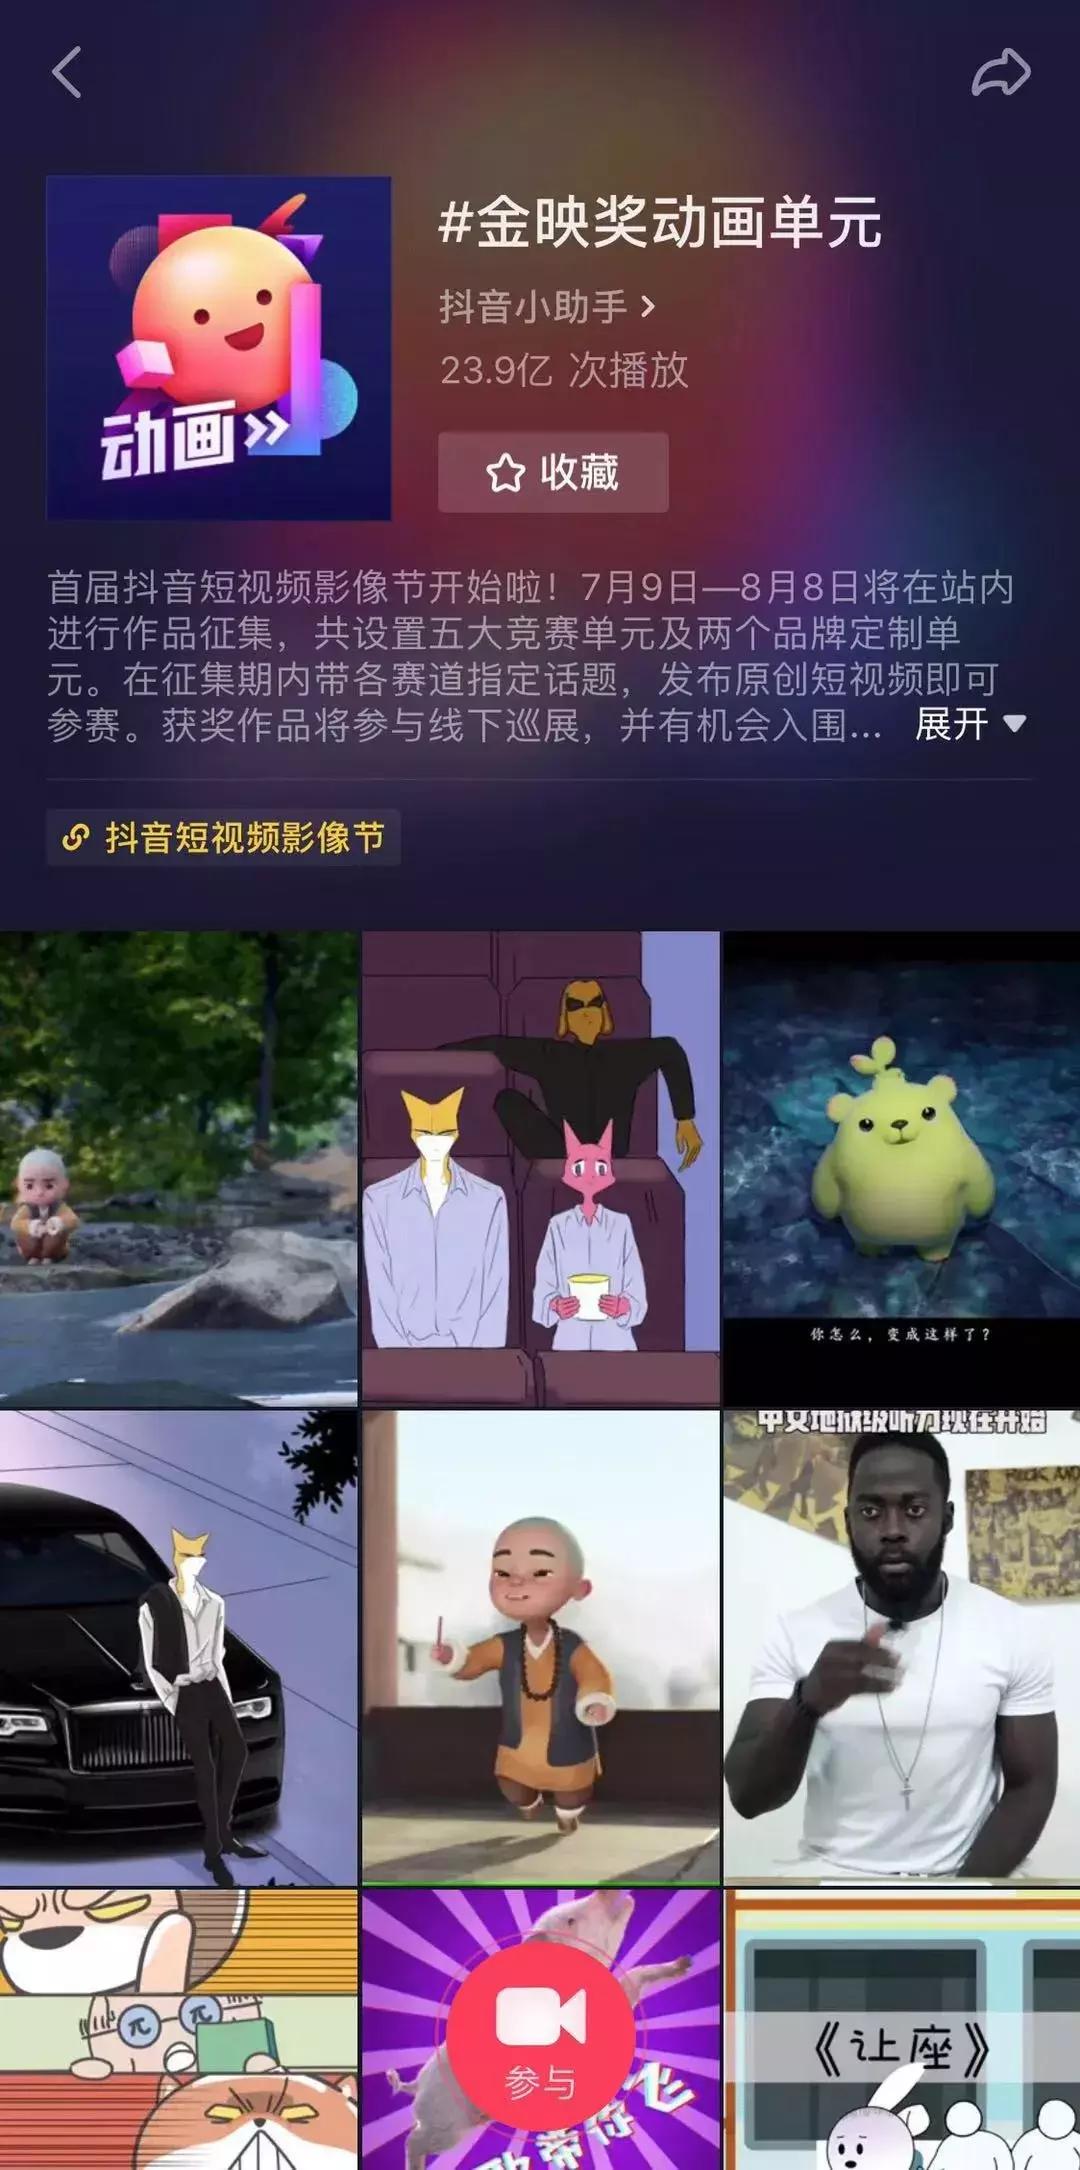 「抖音营销案例」两周涨粉200万!动漫类视频如何制造爆款?